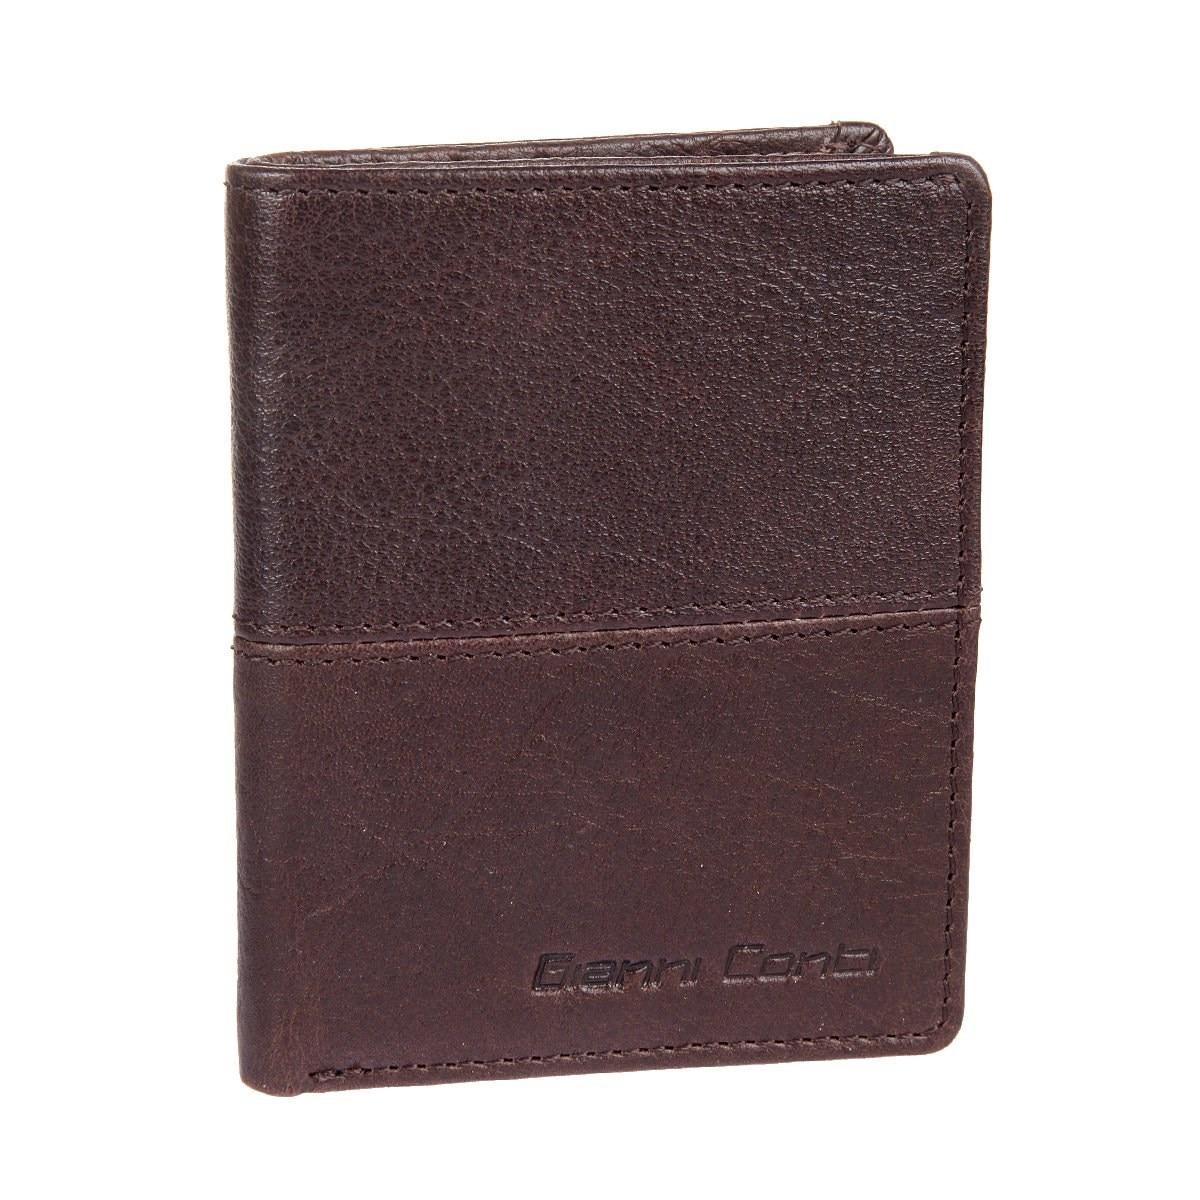 Coin Purse Gianni Conti 1137387E dark brown